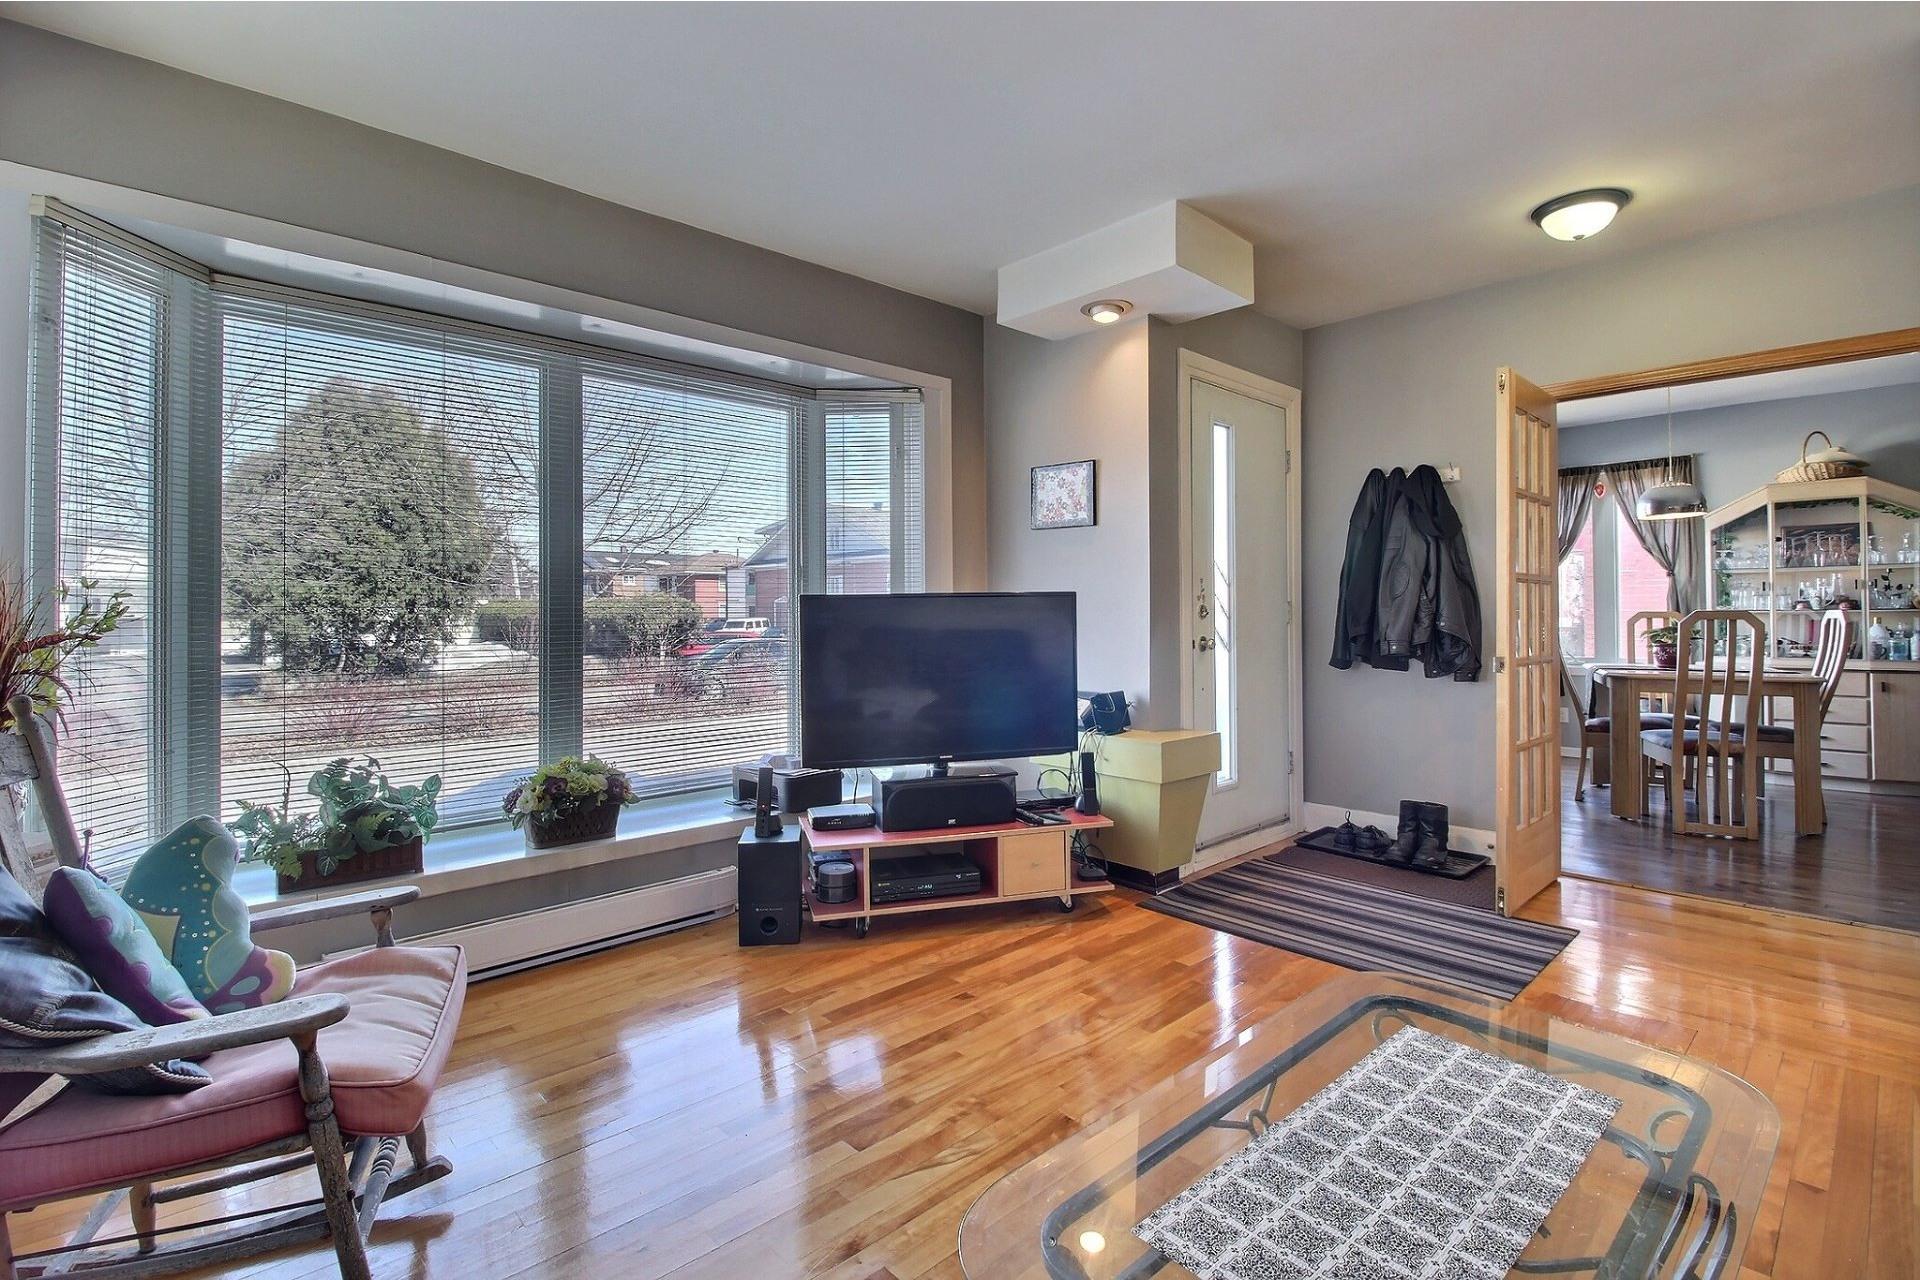 image 20 - Duplex For sale Joliette - 5 rooms